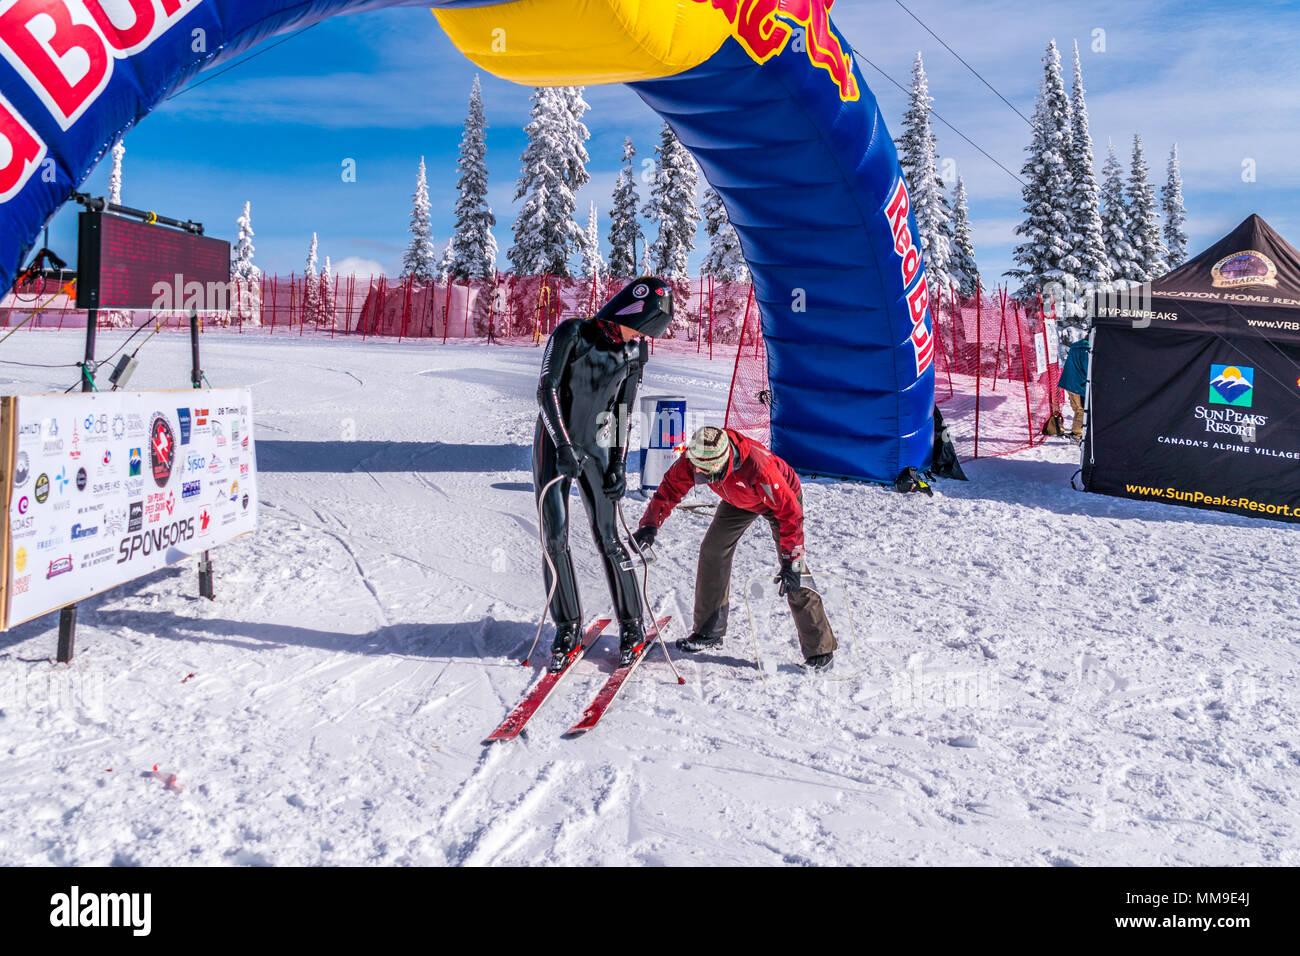 Internazionale gare di velocità presso la famosa international ski resort di sole picchi nella splendida British Columbia, Canada Immagini Stock